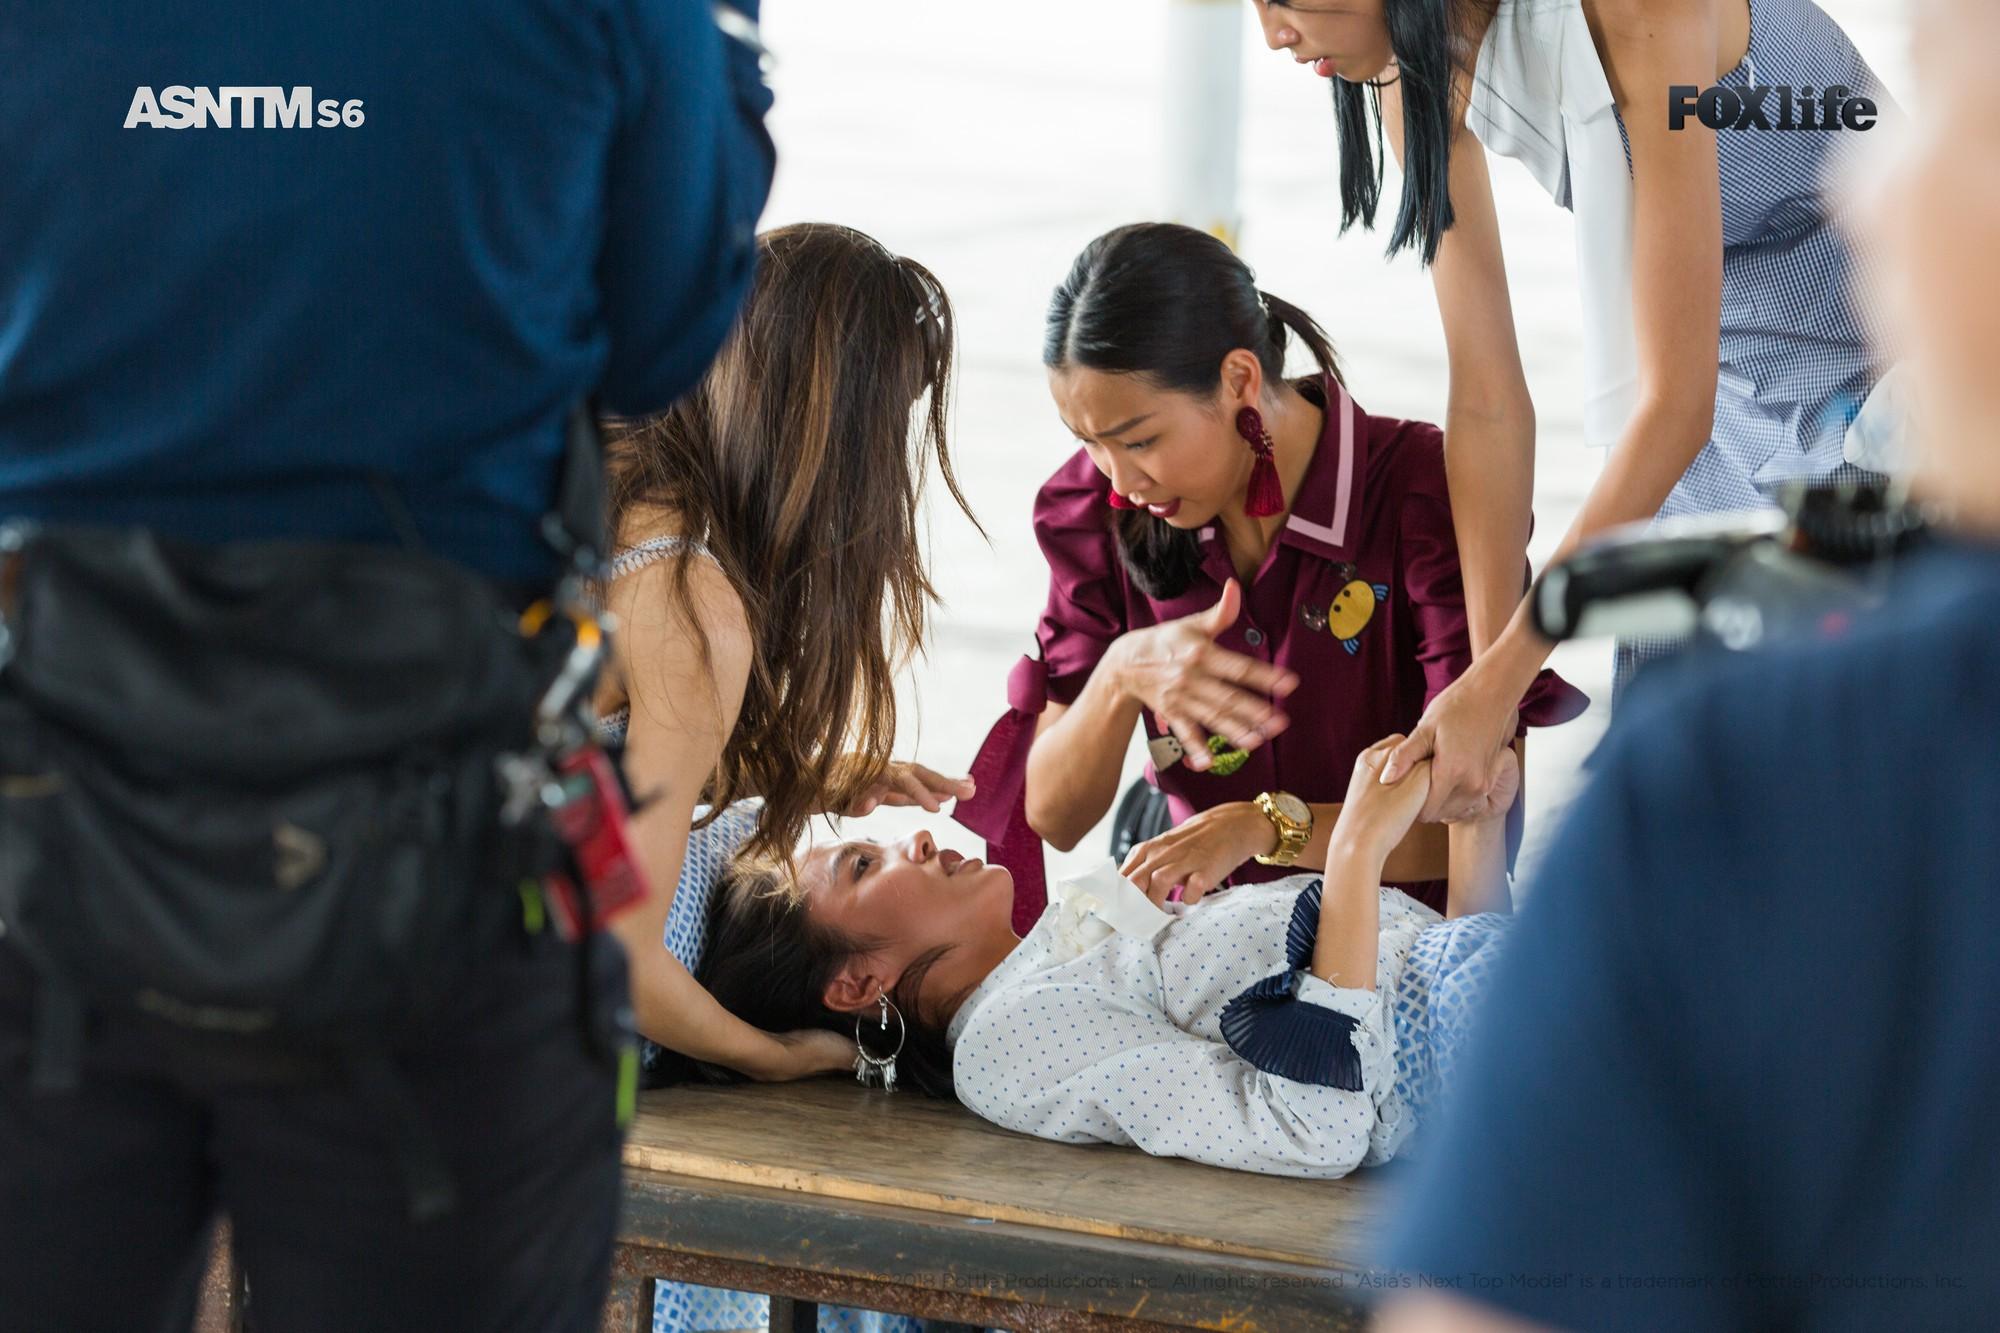 Khóc lóc, ngất xỉu, chơi nổi giữa thử thách, ai bảo Rima Thanh Vy nhạt nhòa tại Next Top châu Á? - Ảnh 6.